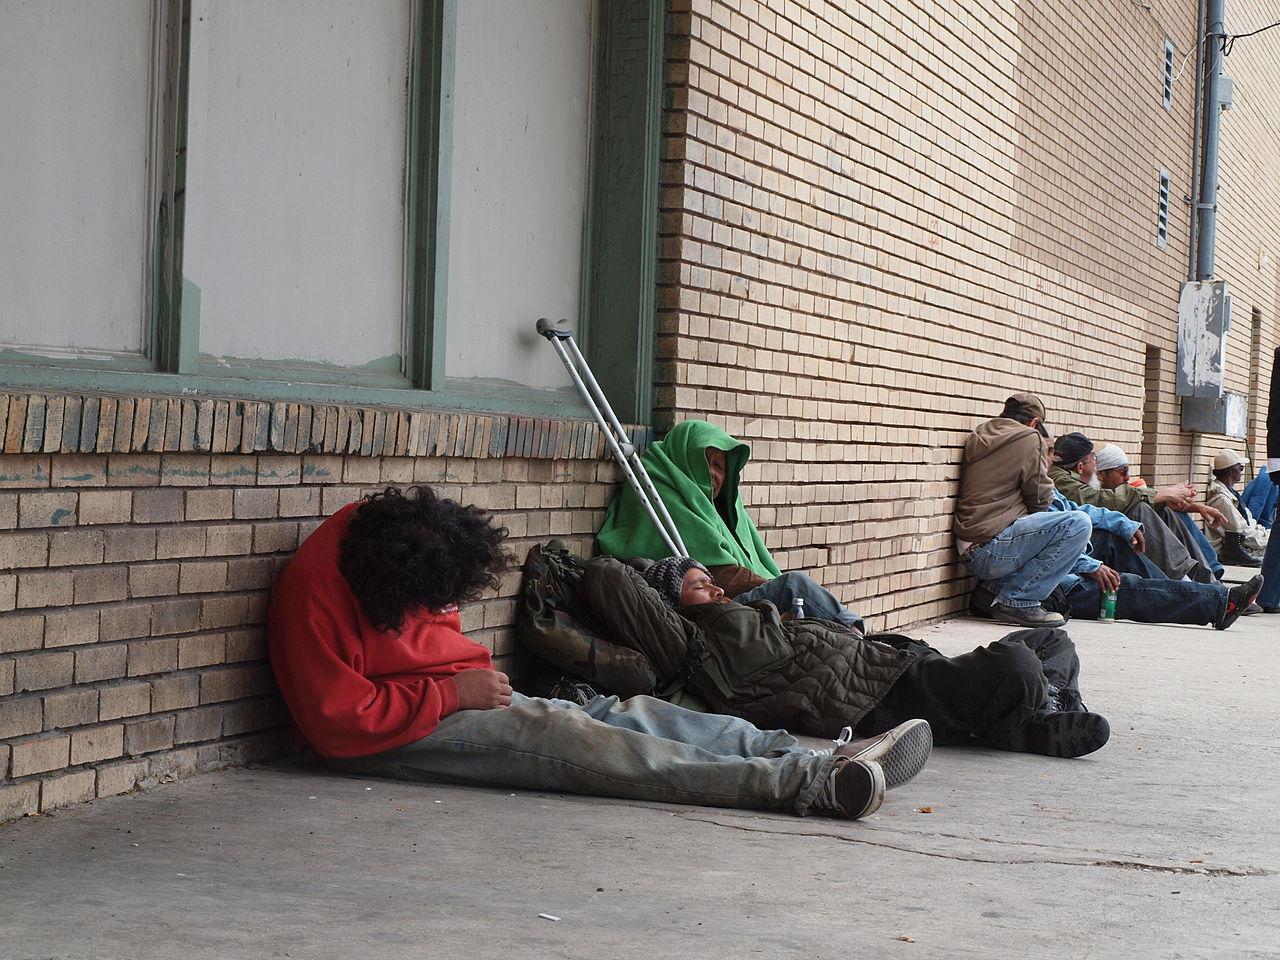 Homeless_in_San_Antonio.JPG